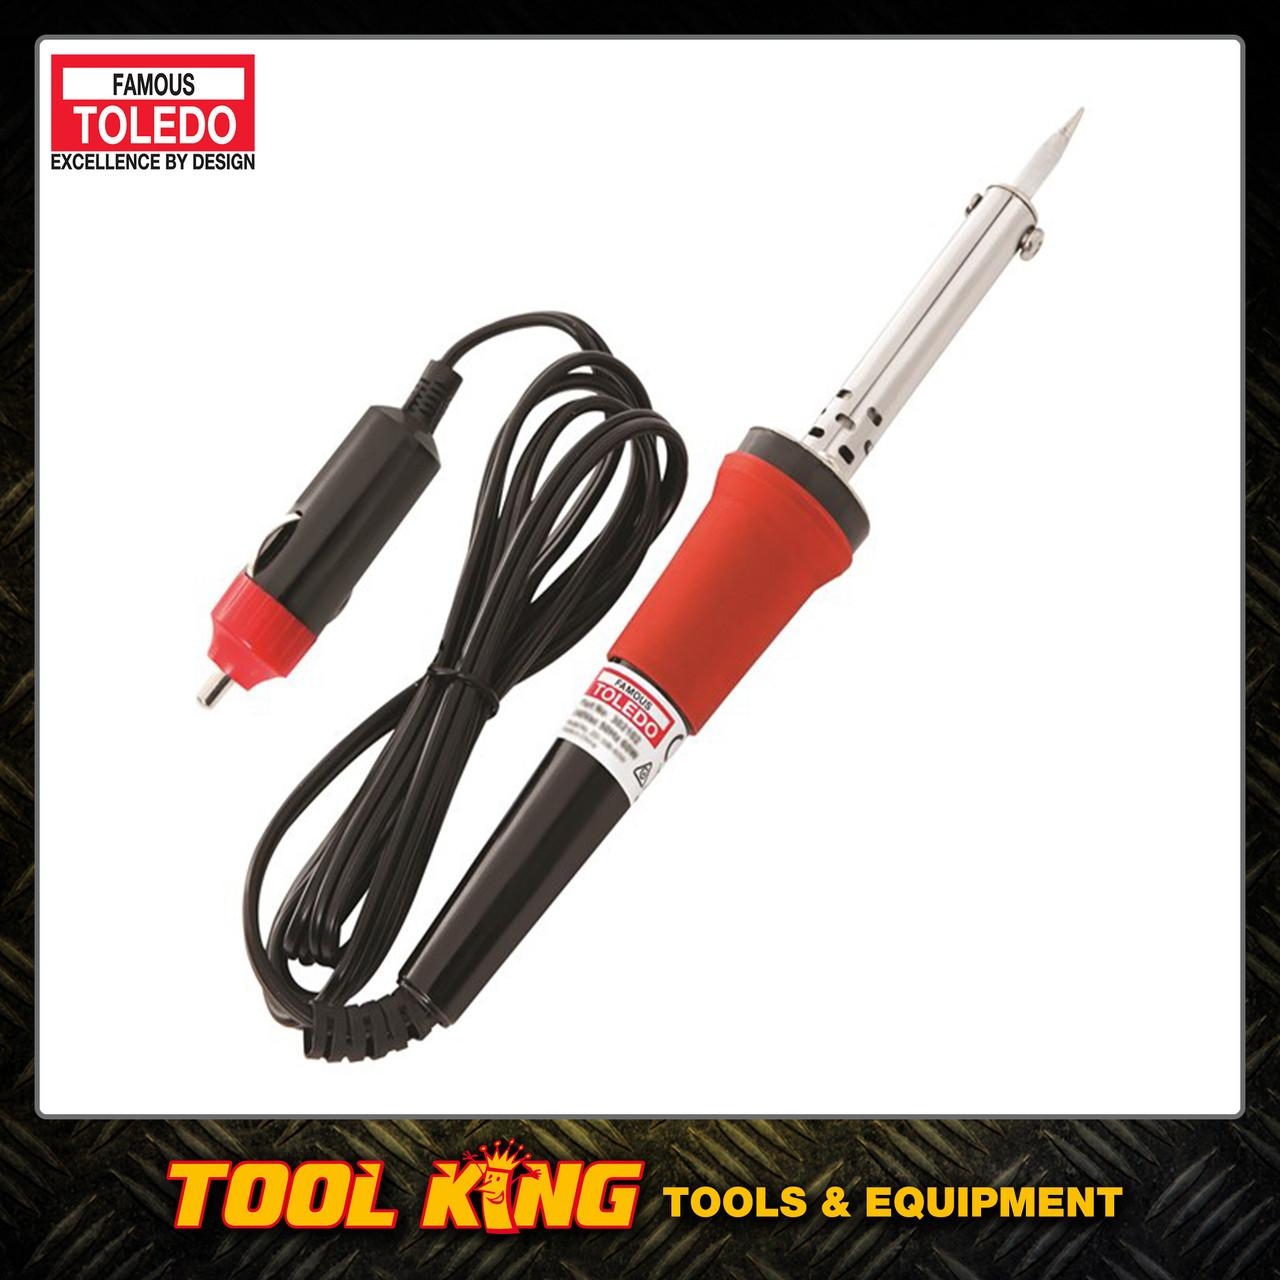 Soldering iron 12Volt Dc 30watt TOLEDO professional